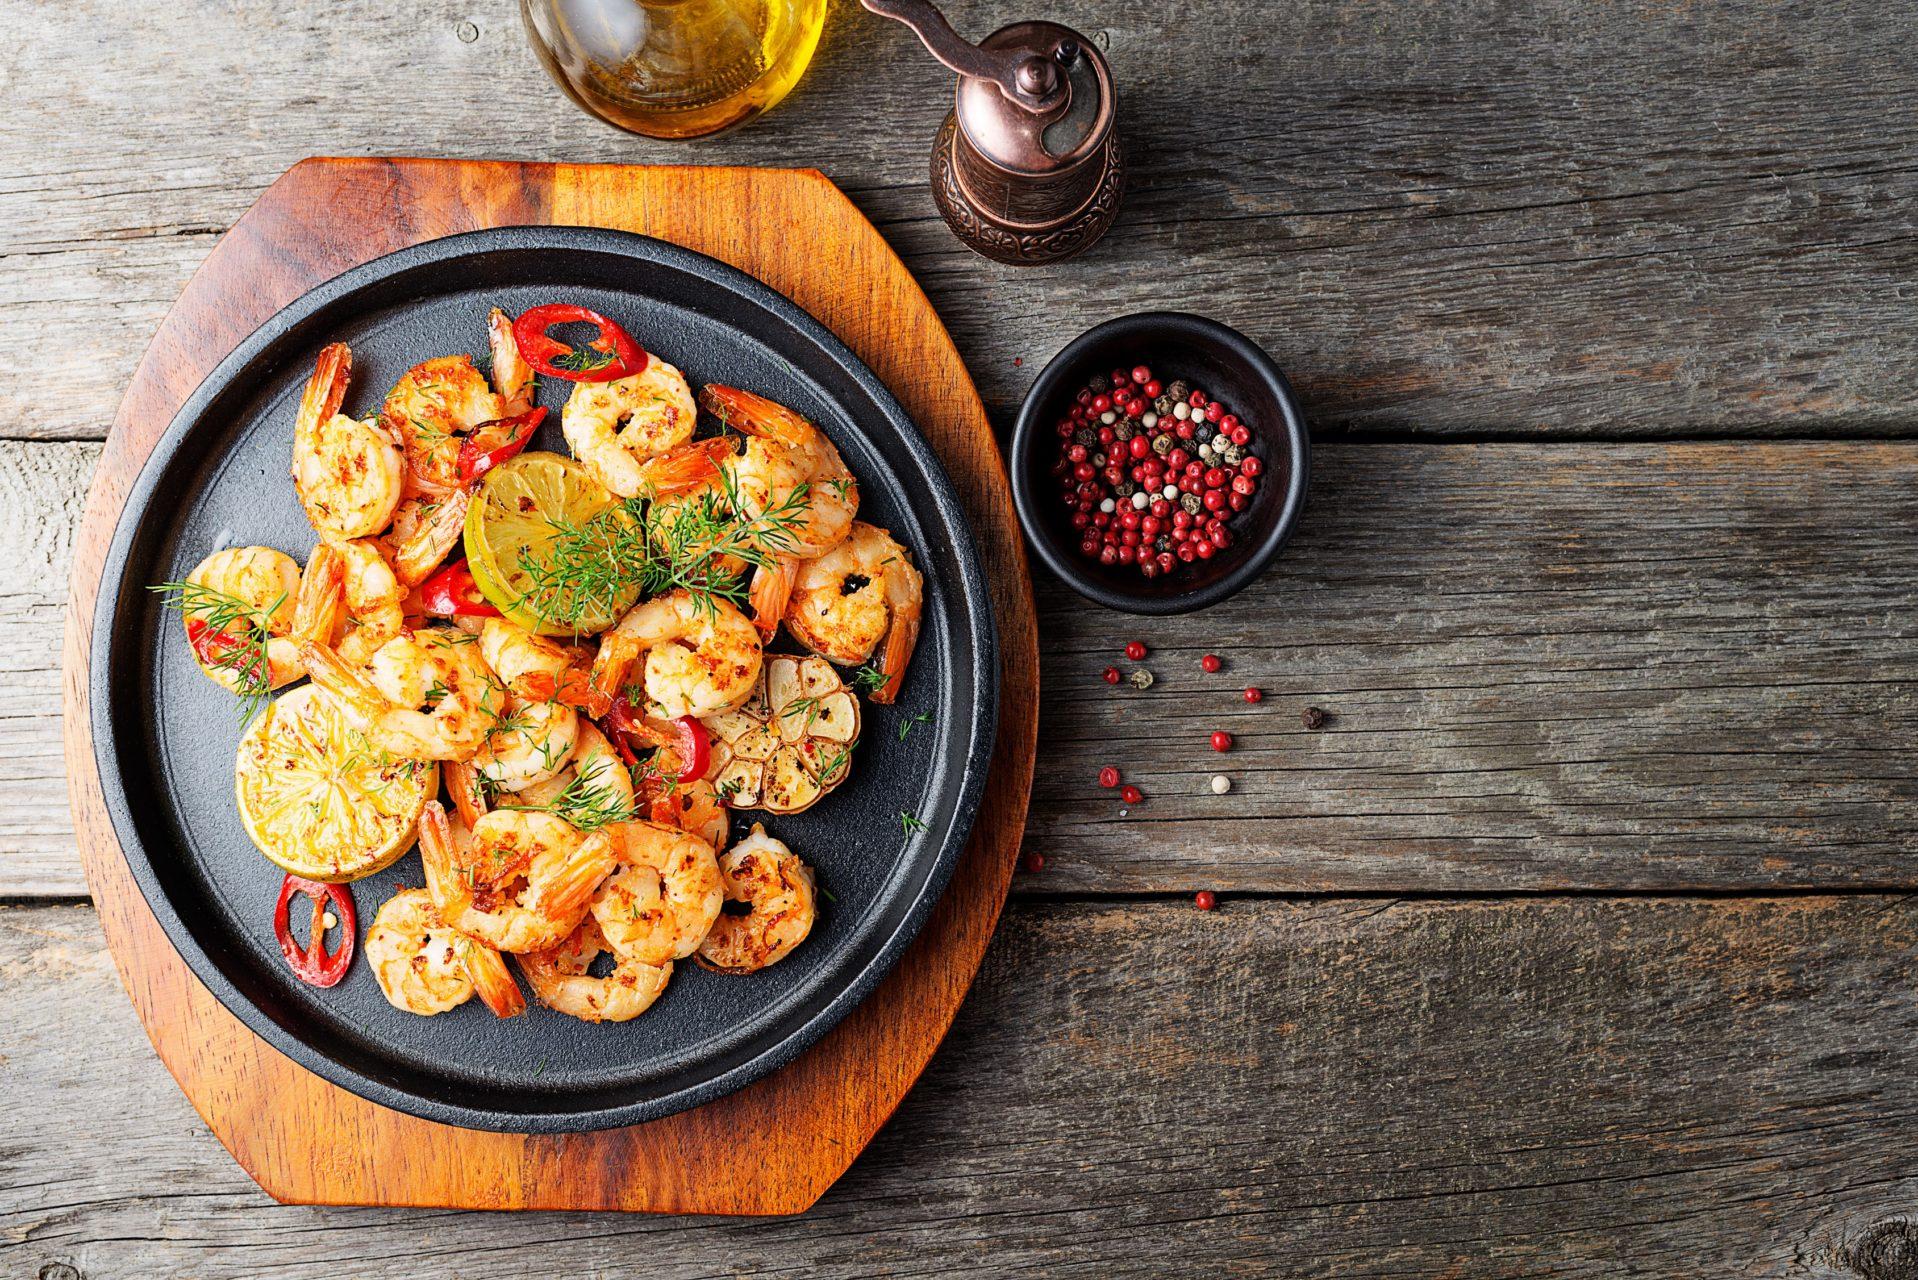 Crevettes marinade escabèche à griller au barbecue ou à la plancha